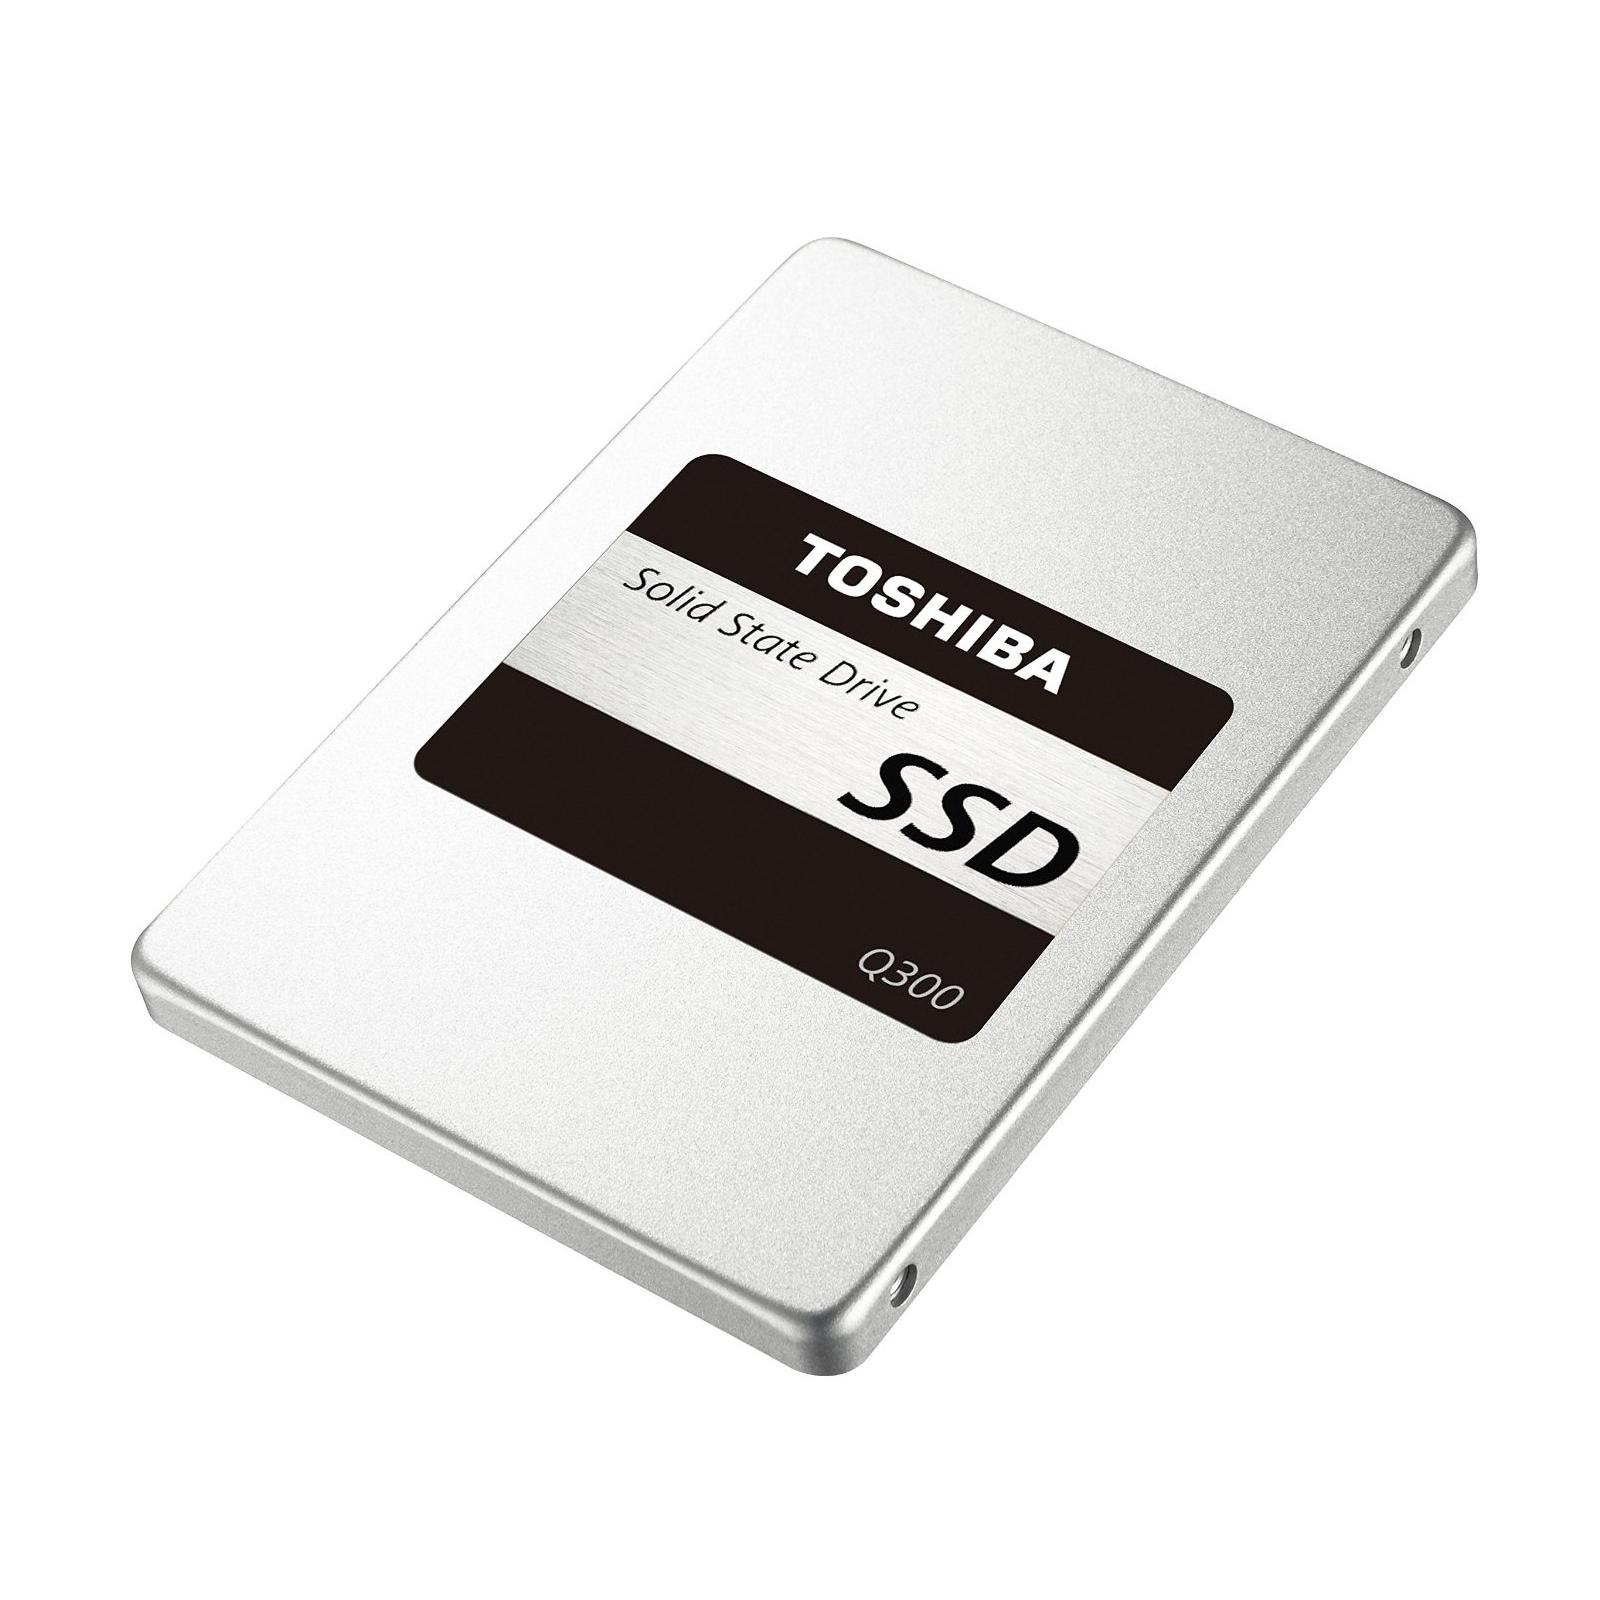 """Накопитель SSD 2.5"""" 120GB TOSHIBA (HDTS712EZSTA) изображение 4"""